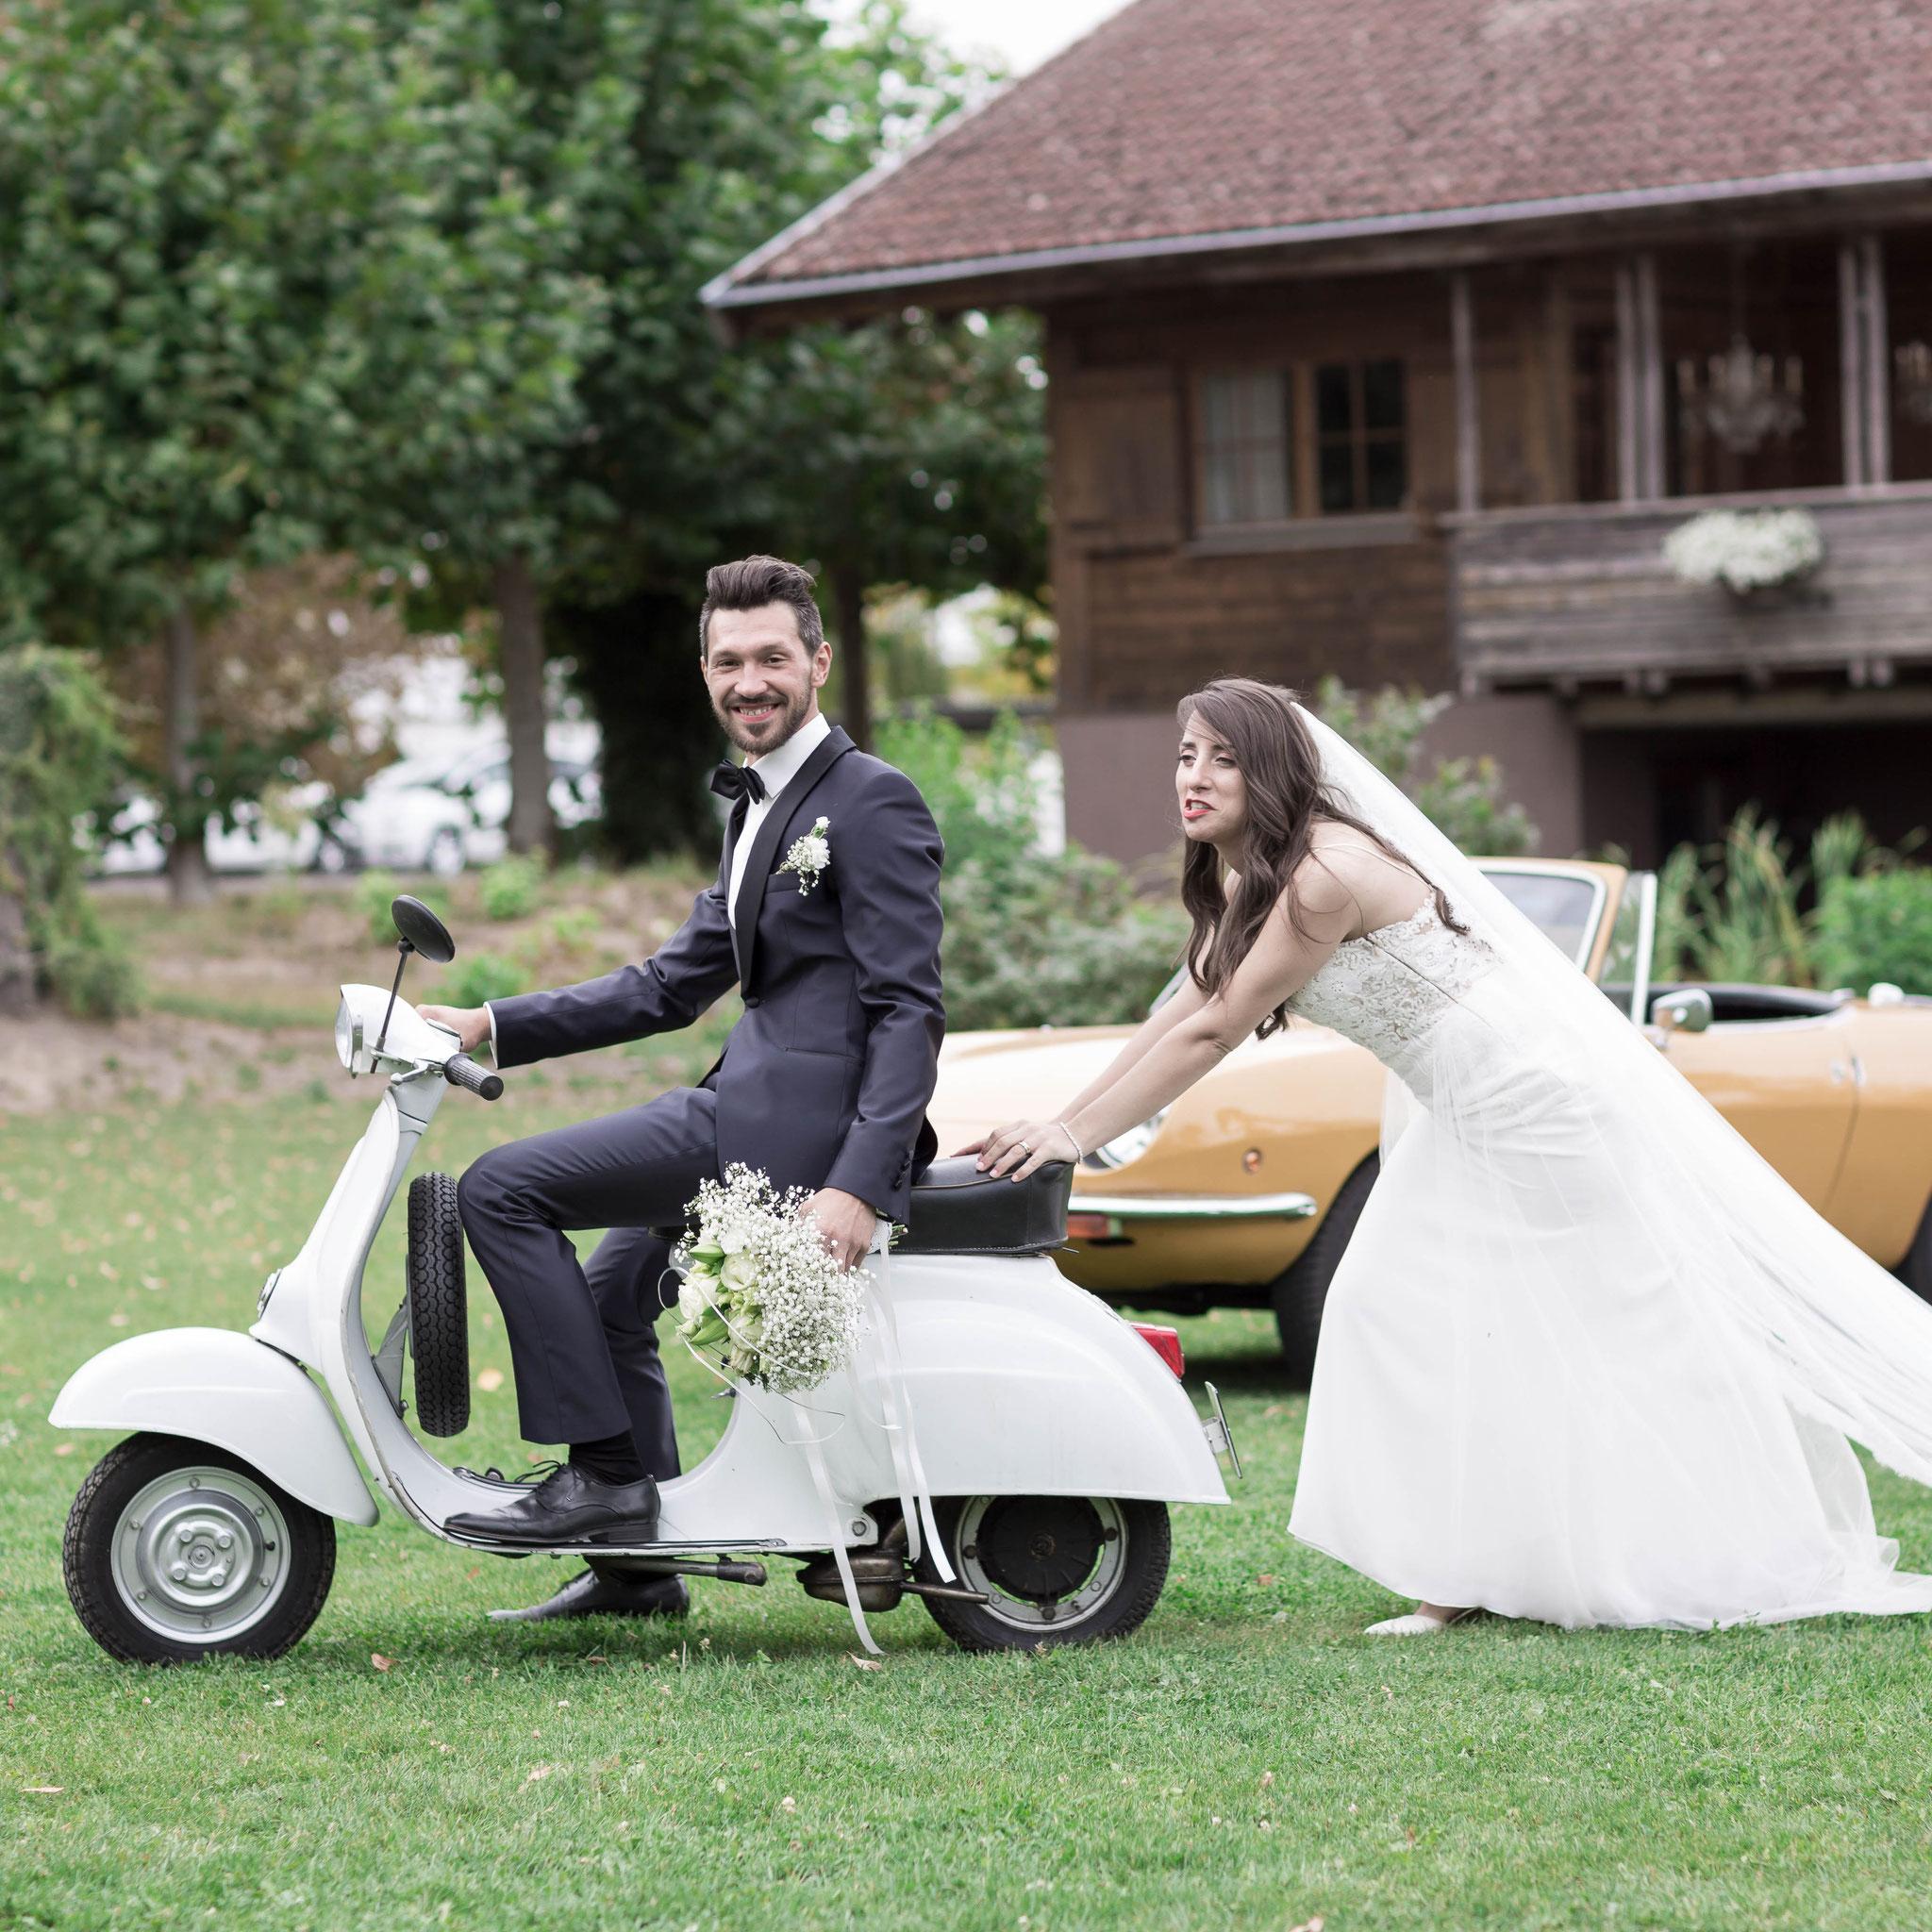 Fotograf für moderne russische Hochzeit in Ochsenfurt